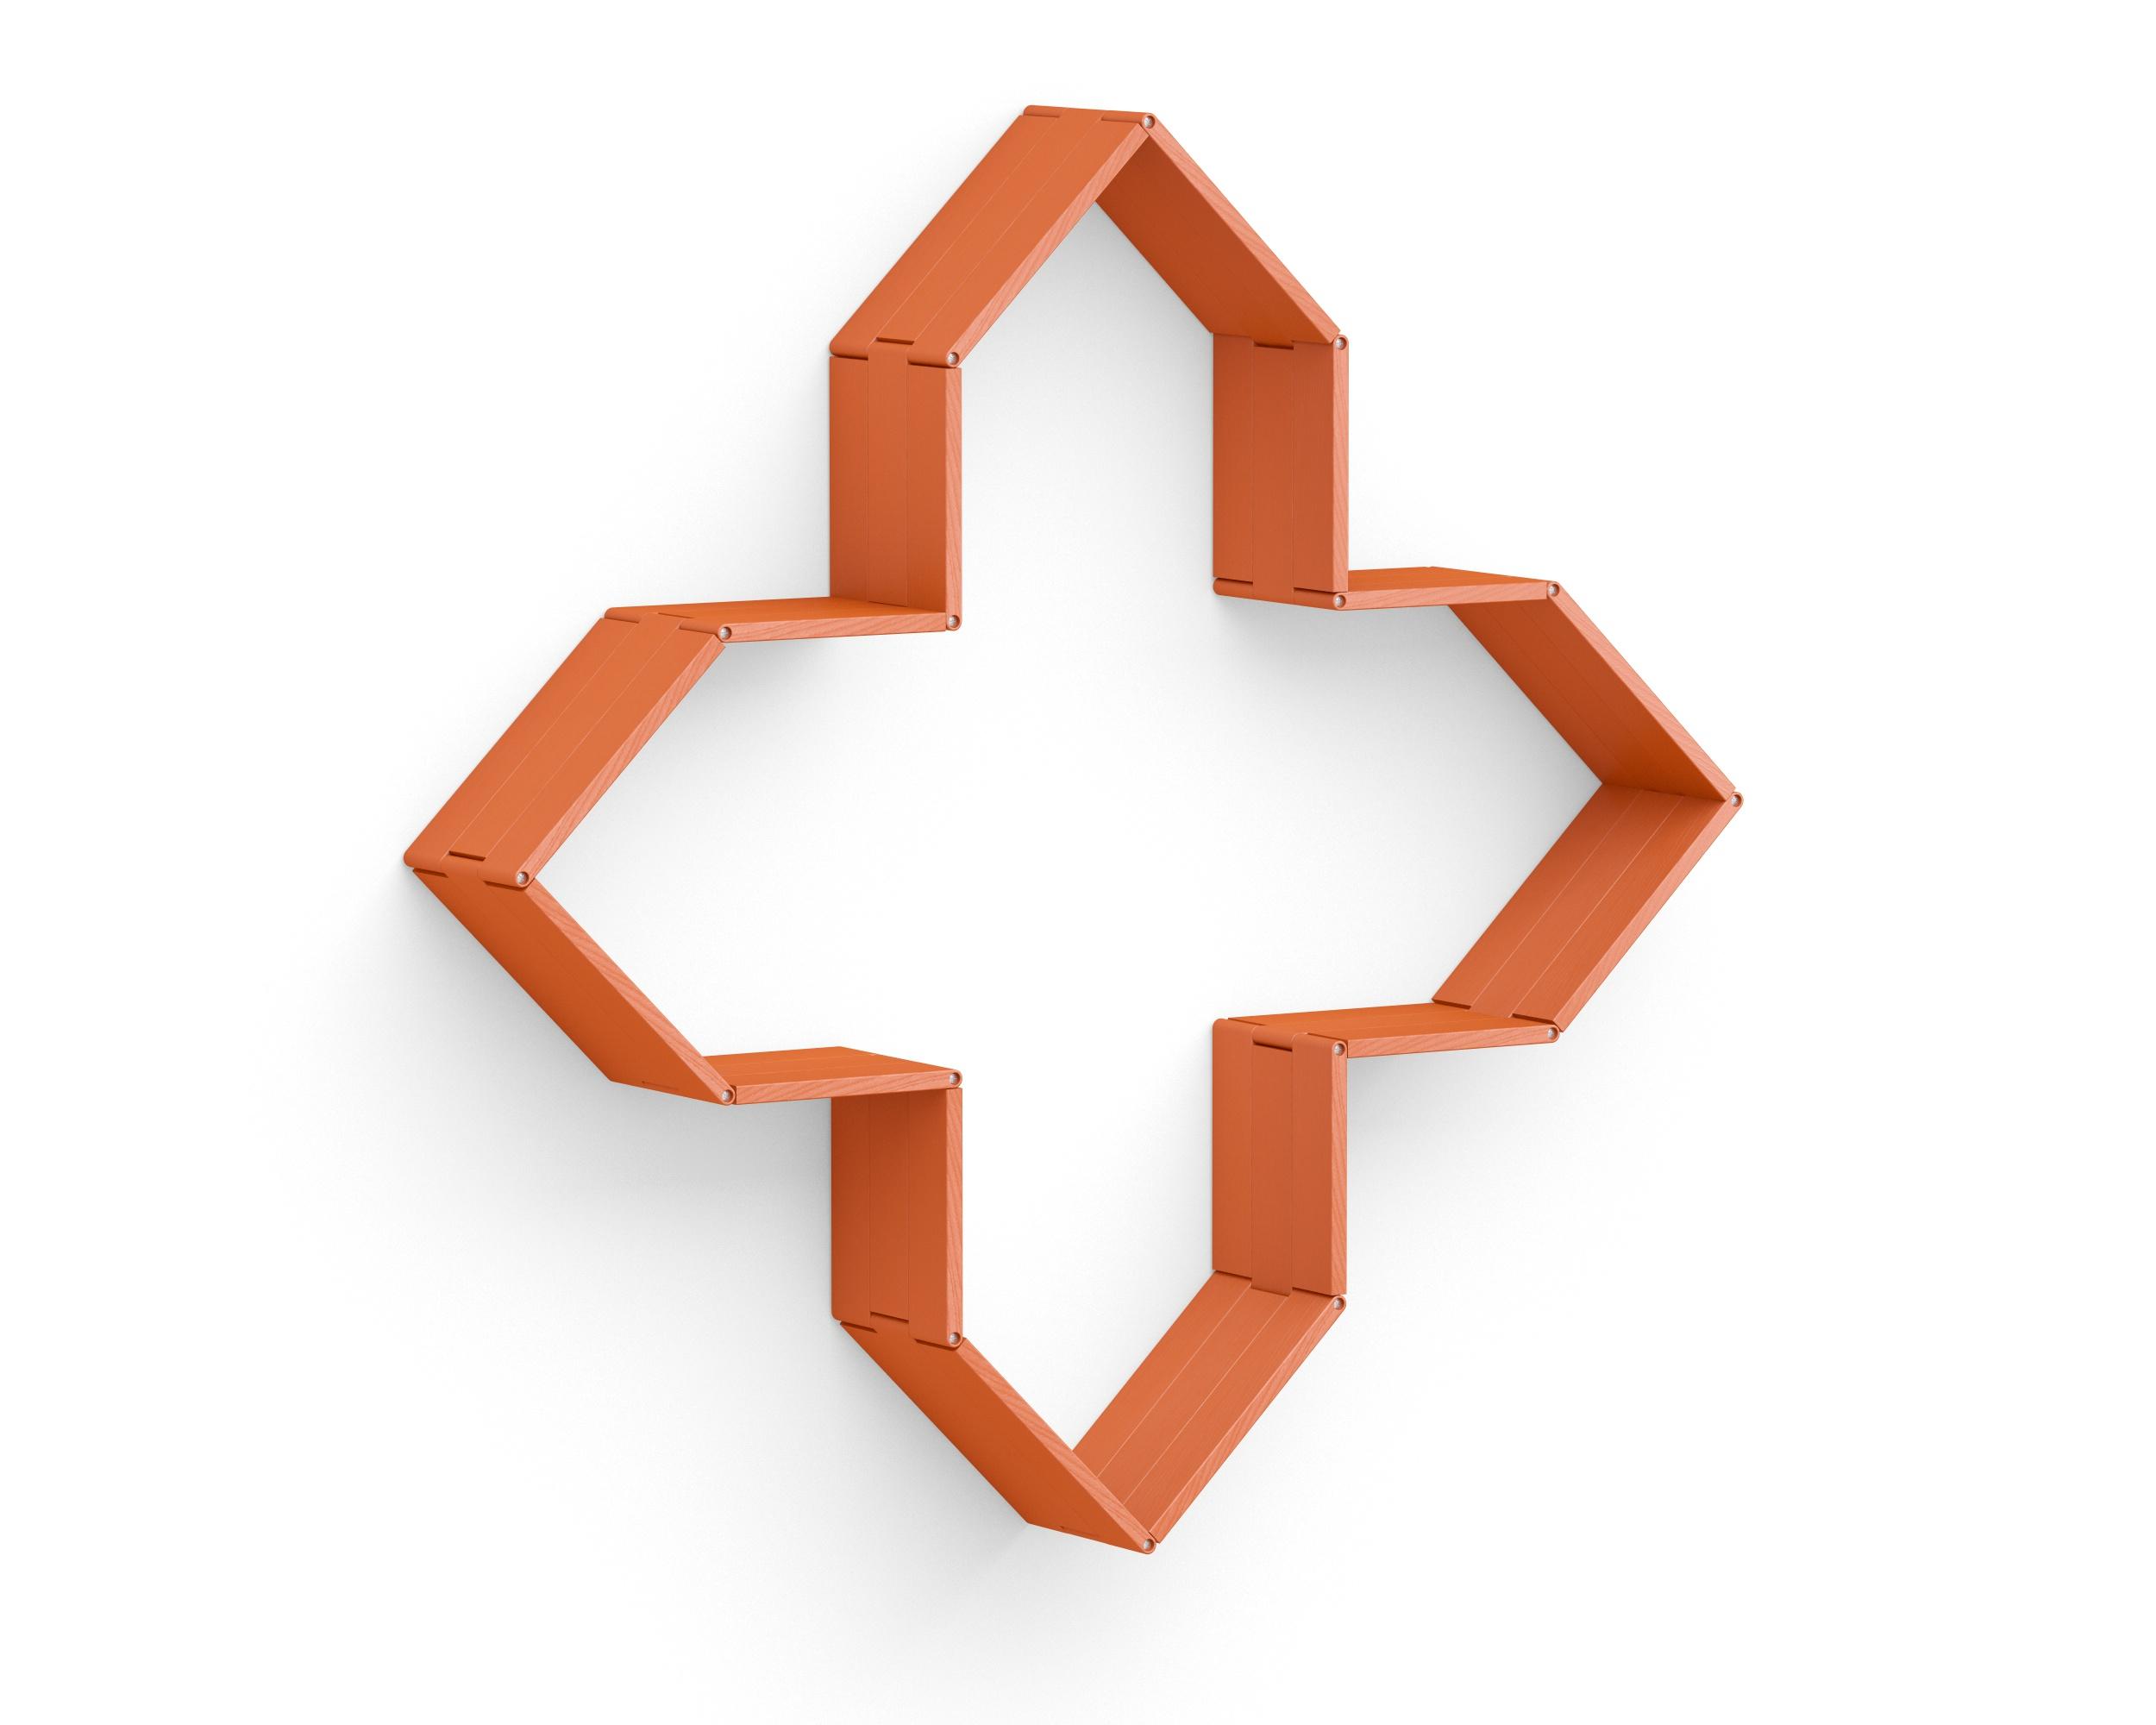 Полка-конструктор Flex Shelf 94Полки<br>цвет: натуральный ясень, красный, оранжевый, зеленый, голубой, сиреневый, белый, черный<br><br>Material: Ясень<br>Width см: 137<br>Depth см: 137<br>Height см: 22